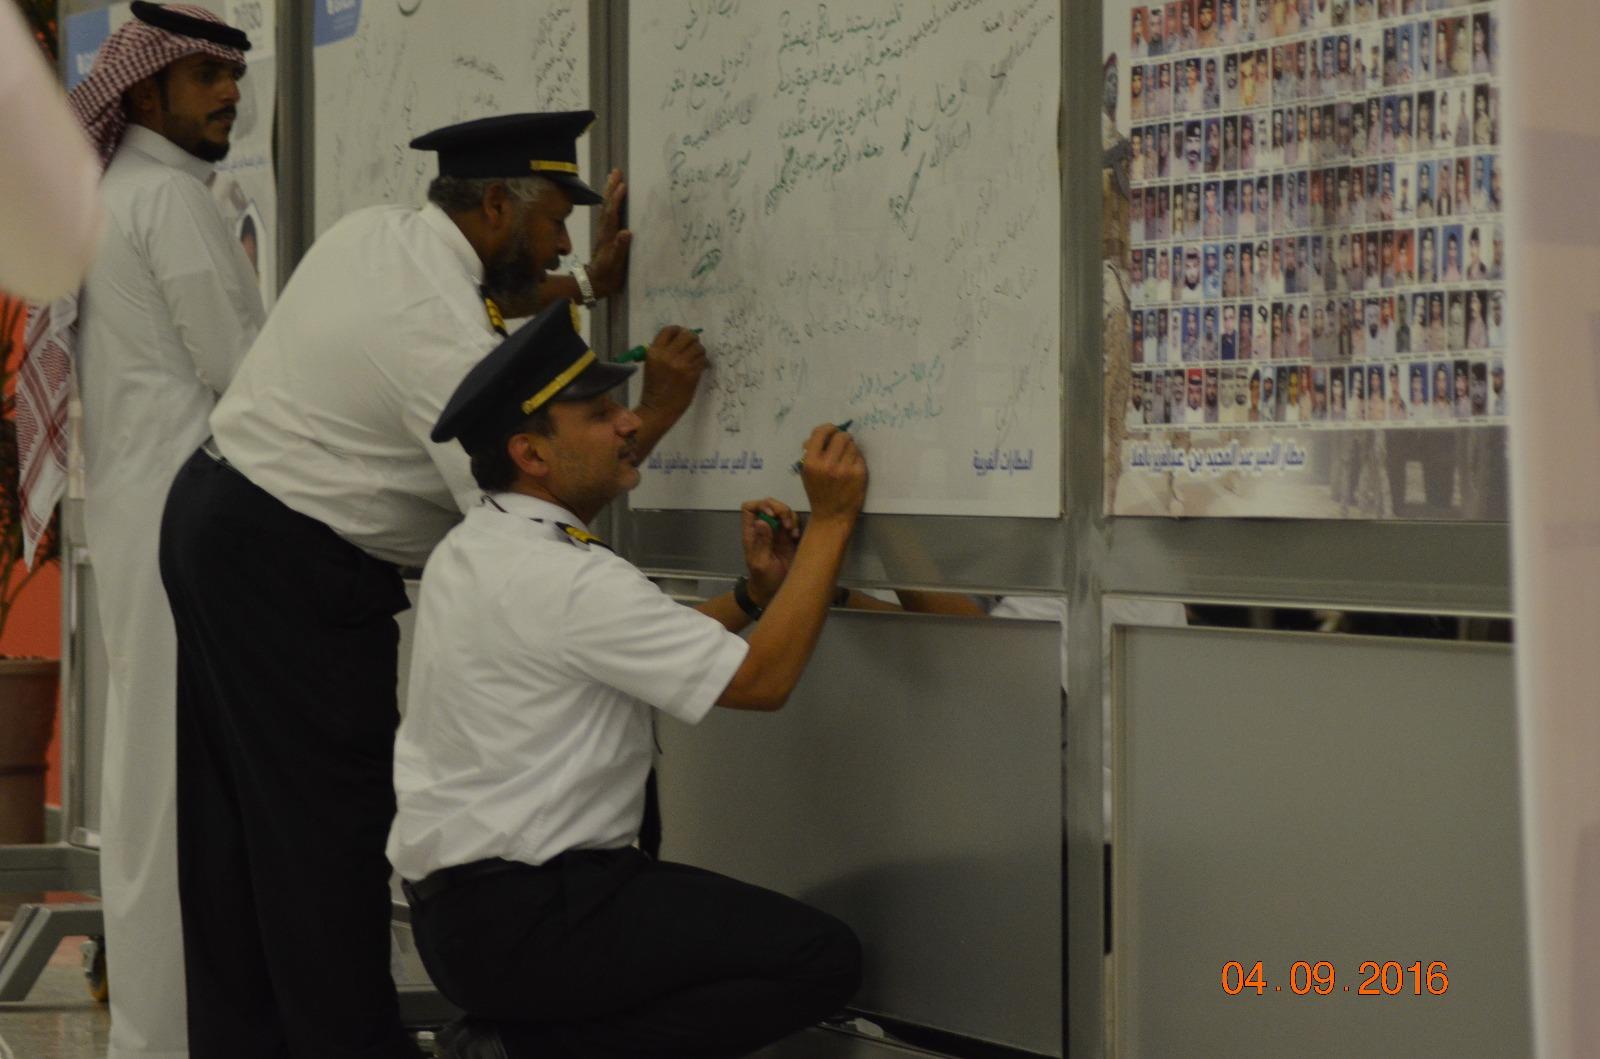 بالصور جدار بعنوان #مشاعر_وطن لشهداء الواجب وجنودنا المرابطين بمطار  بالعلا